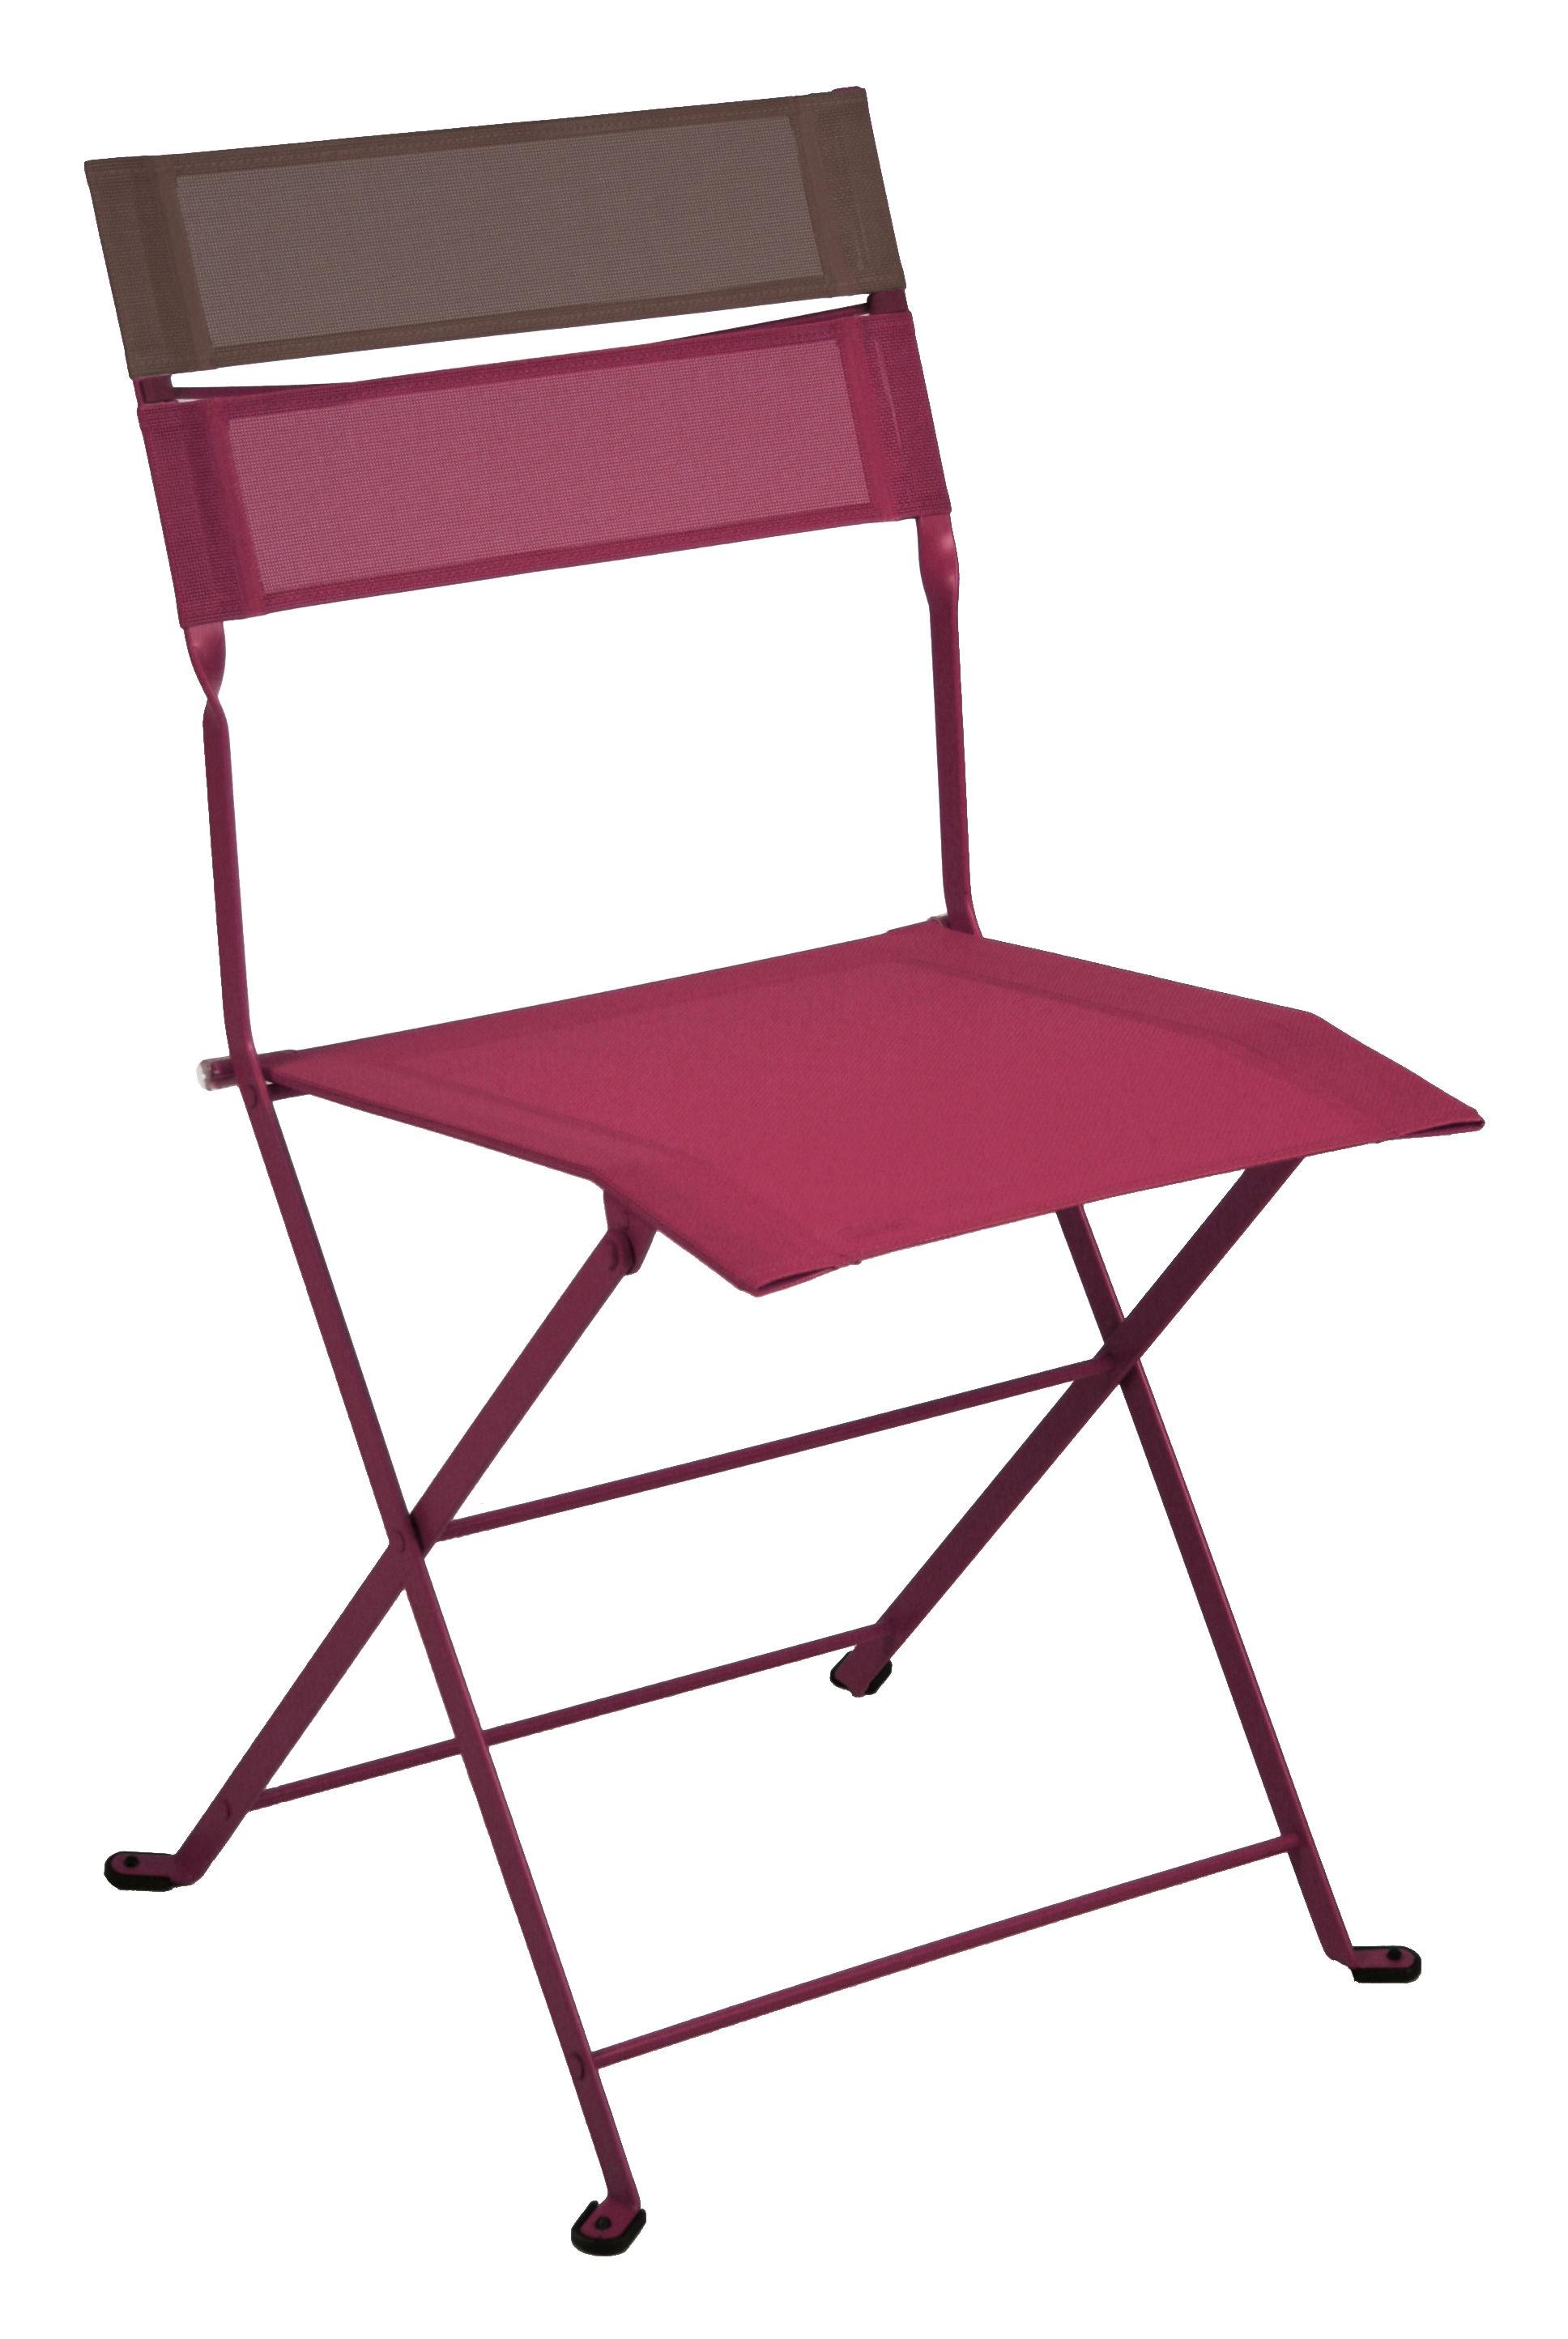 Chaise pliante latitude toile grenat bandeau rouille fermob - Chaise pliante en toile ...